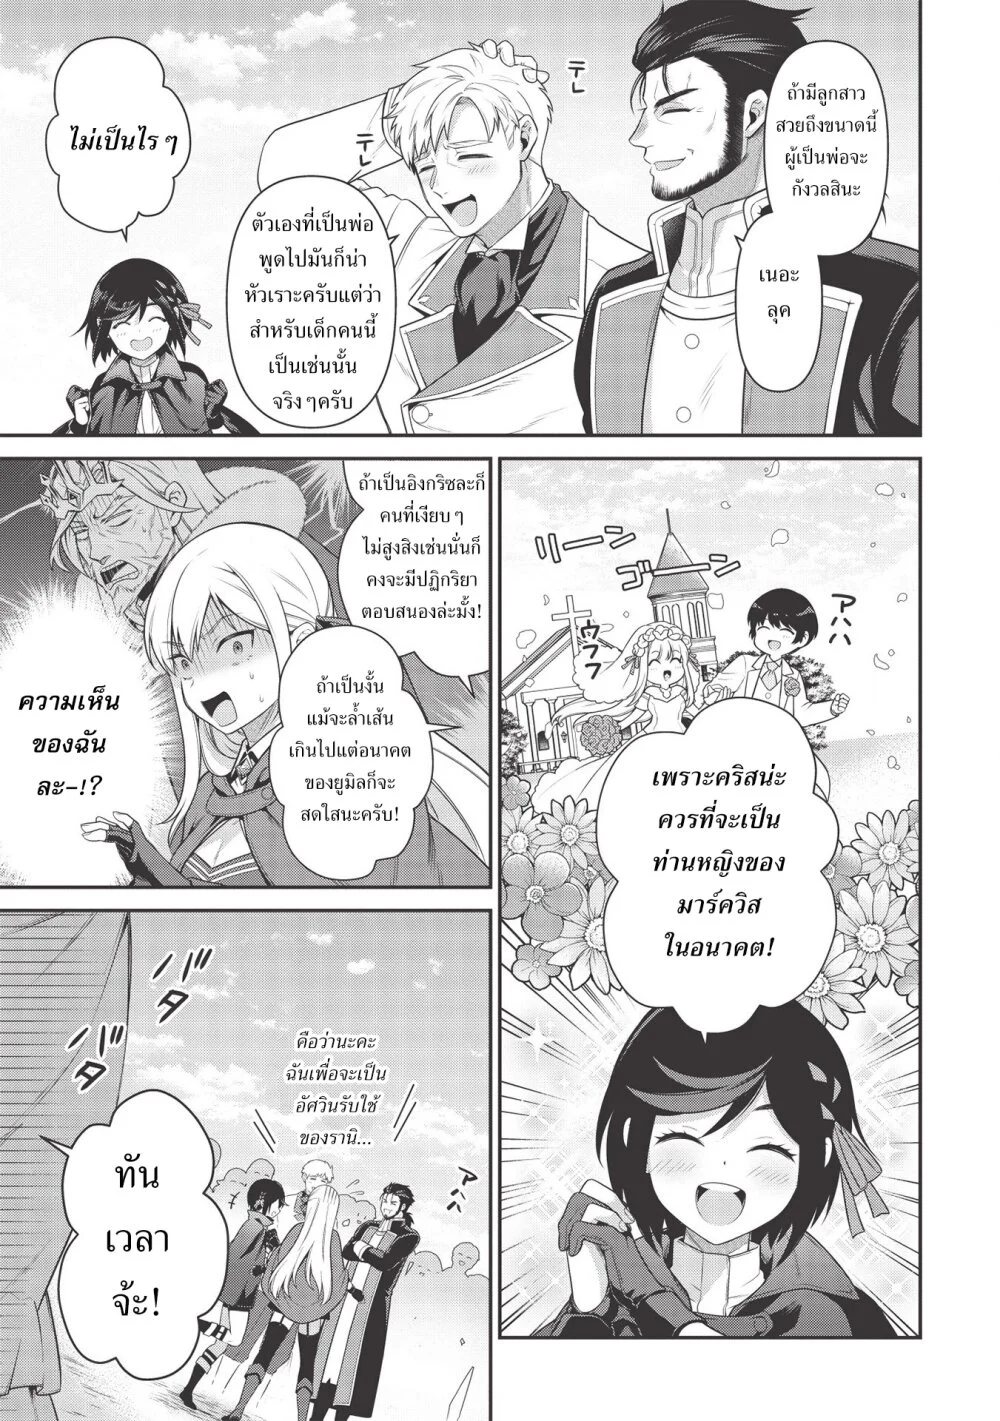 อ่านการ์ตูน Eiyu-Oh Bu Wo Kiwameru tame Tensei Su. Soshite, Sekai Saikyou no Minarai Kisi ♀ ตอนที่ 11 หน้าที่ 12